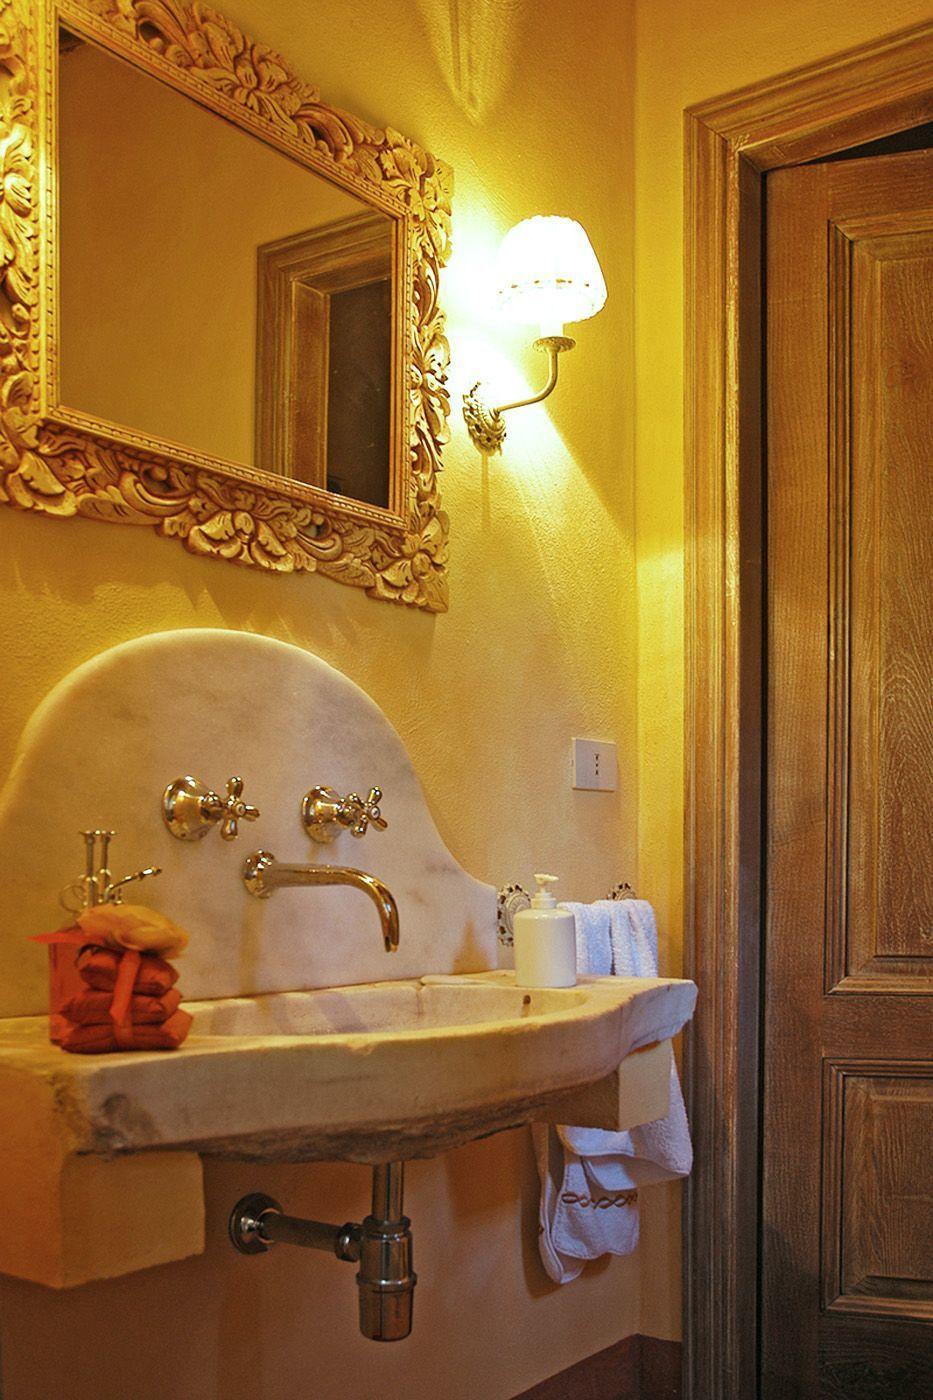 Al valentino casa vacanze con 10 posti letto in 5 camere for 5 camere da letto 5 bagni